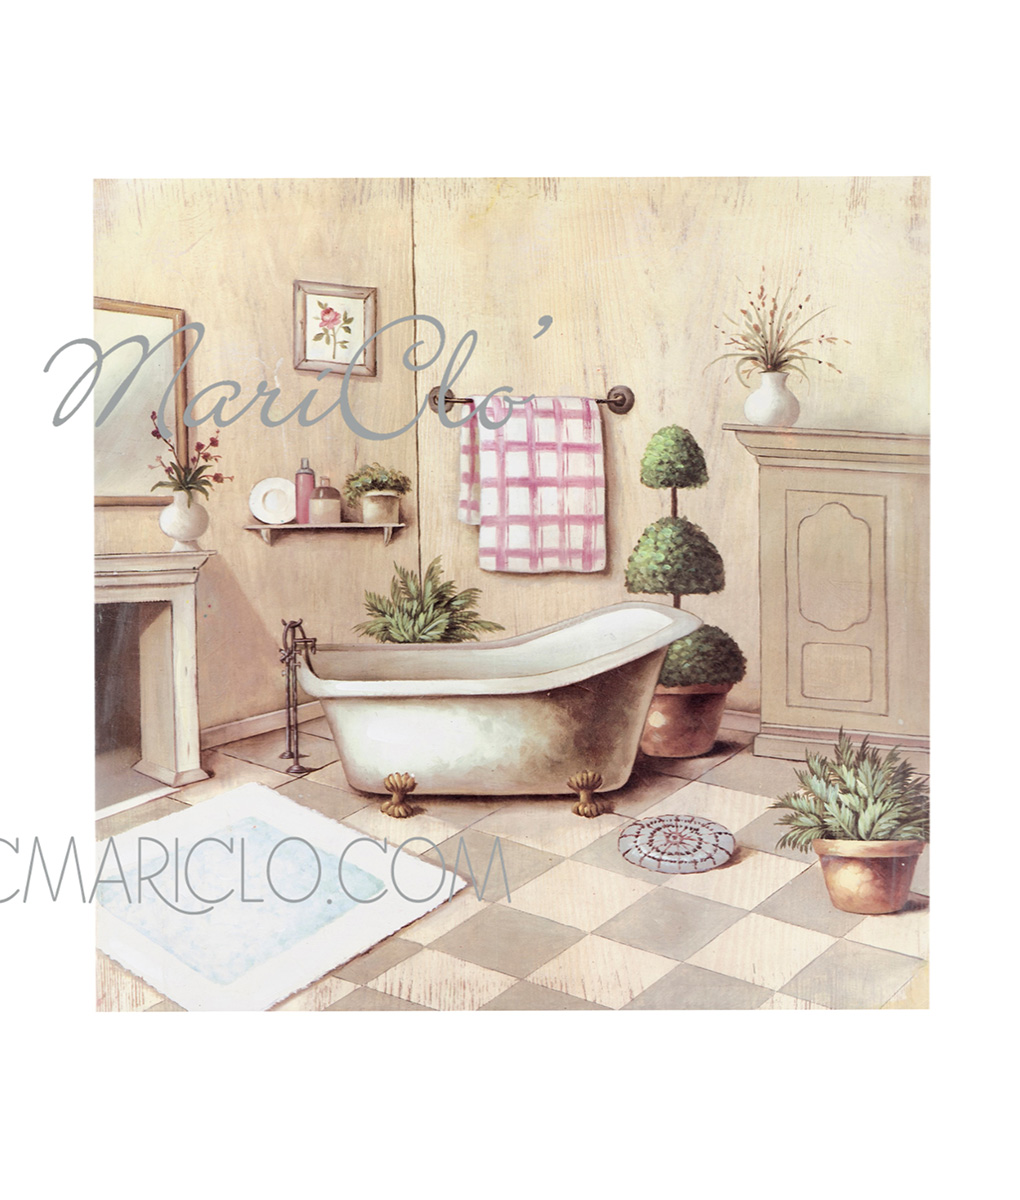 Accessori Bagno Quadro : Quadro bagno con vasca blanc mariclo